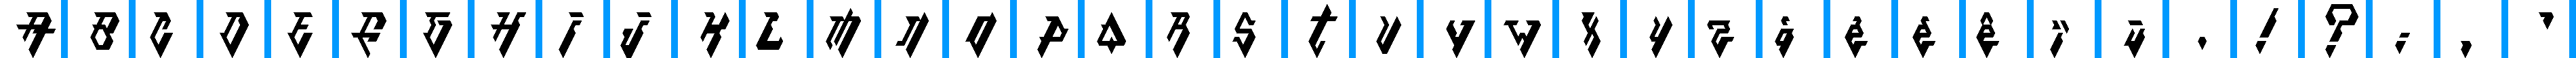 Particip-a-type v.27